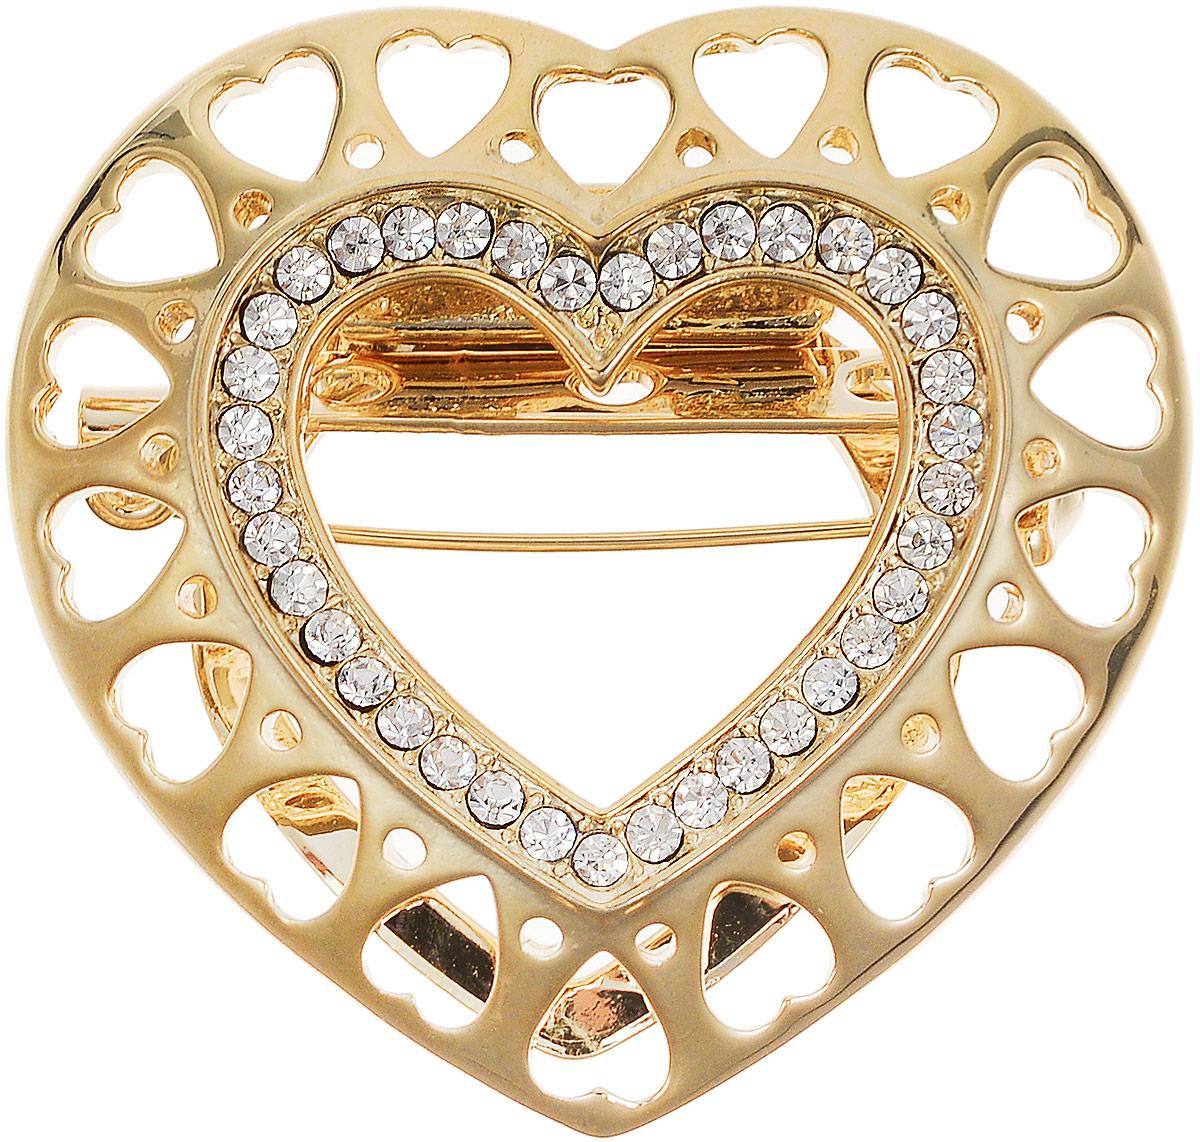 Брошь-клипса для платка Золотое сердце от D.Mari. Прозрачные стразы, бижутерный сплав золотого тона. ГонконгОС29316Брошь-клипса для платка Золотое сердце от D.Mari. Прозрачные стразы, бижутерный сплав золотого тона. Гонконг. Размер - 4 х 4 см.